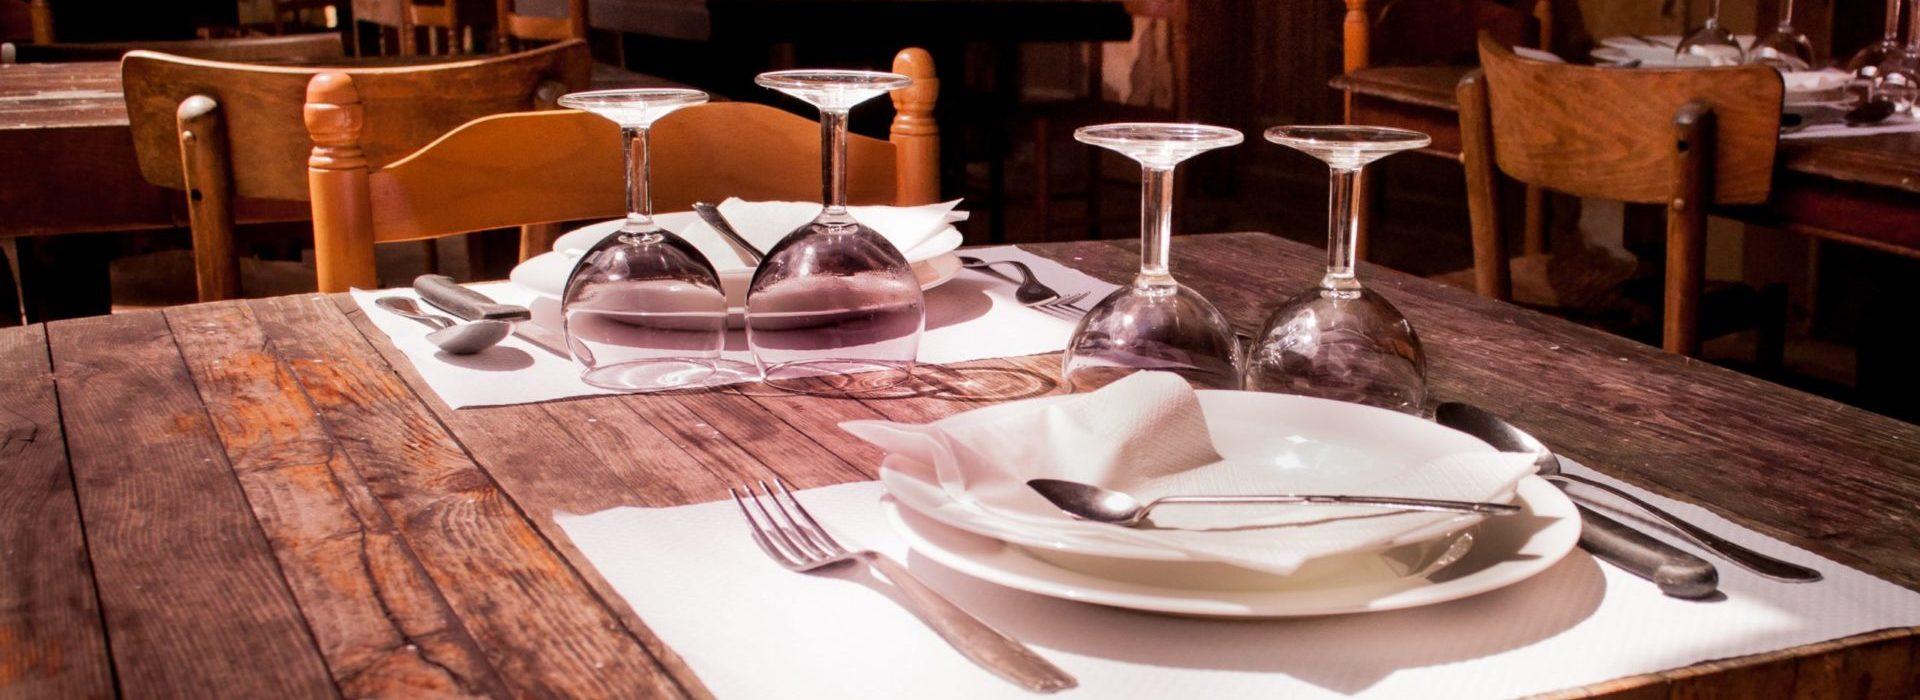 Mesa de restaurante puesta